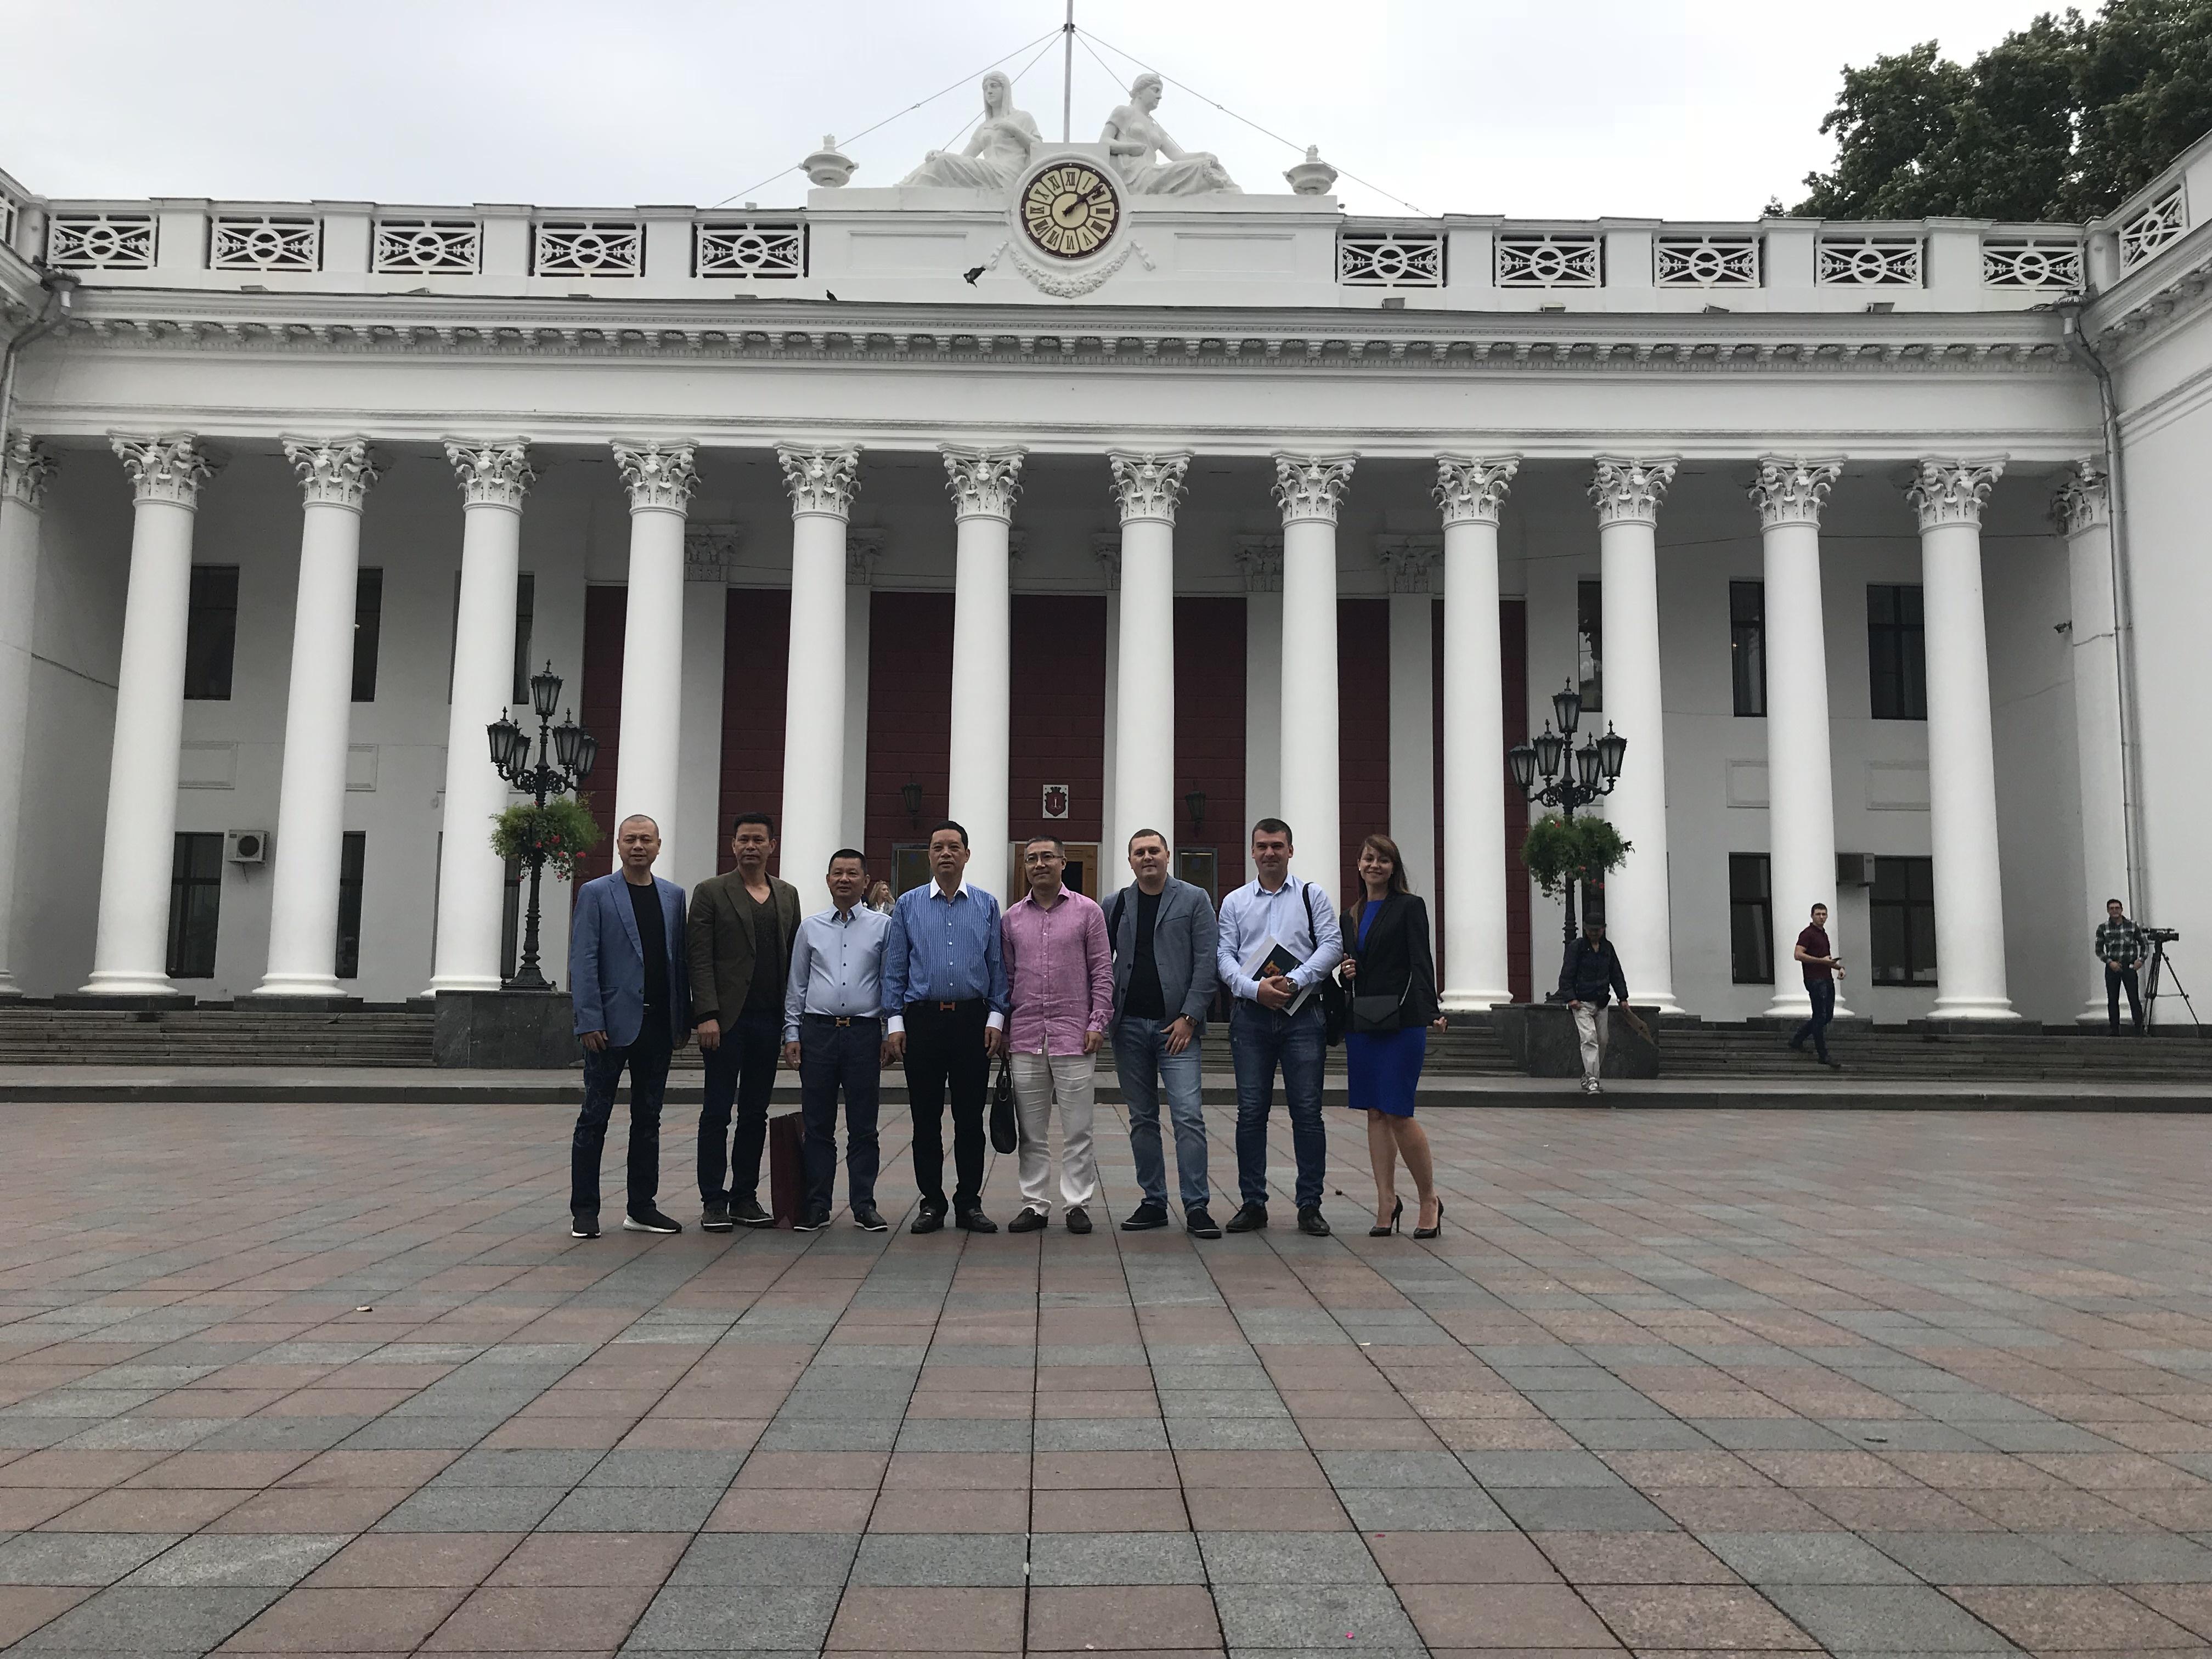 Визит делегации из Китая в Одессу и УК Суворовский